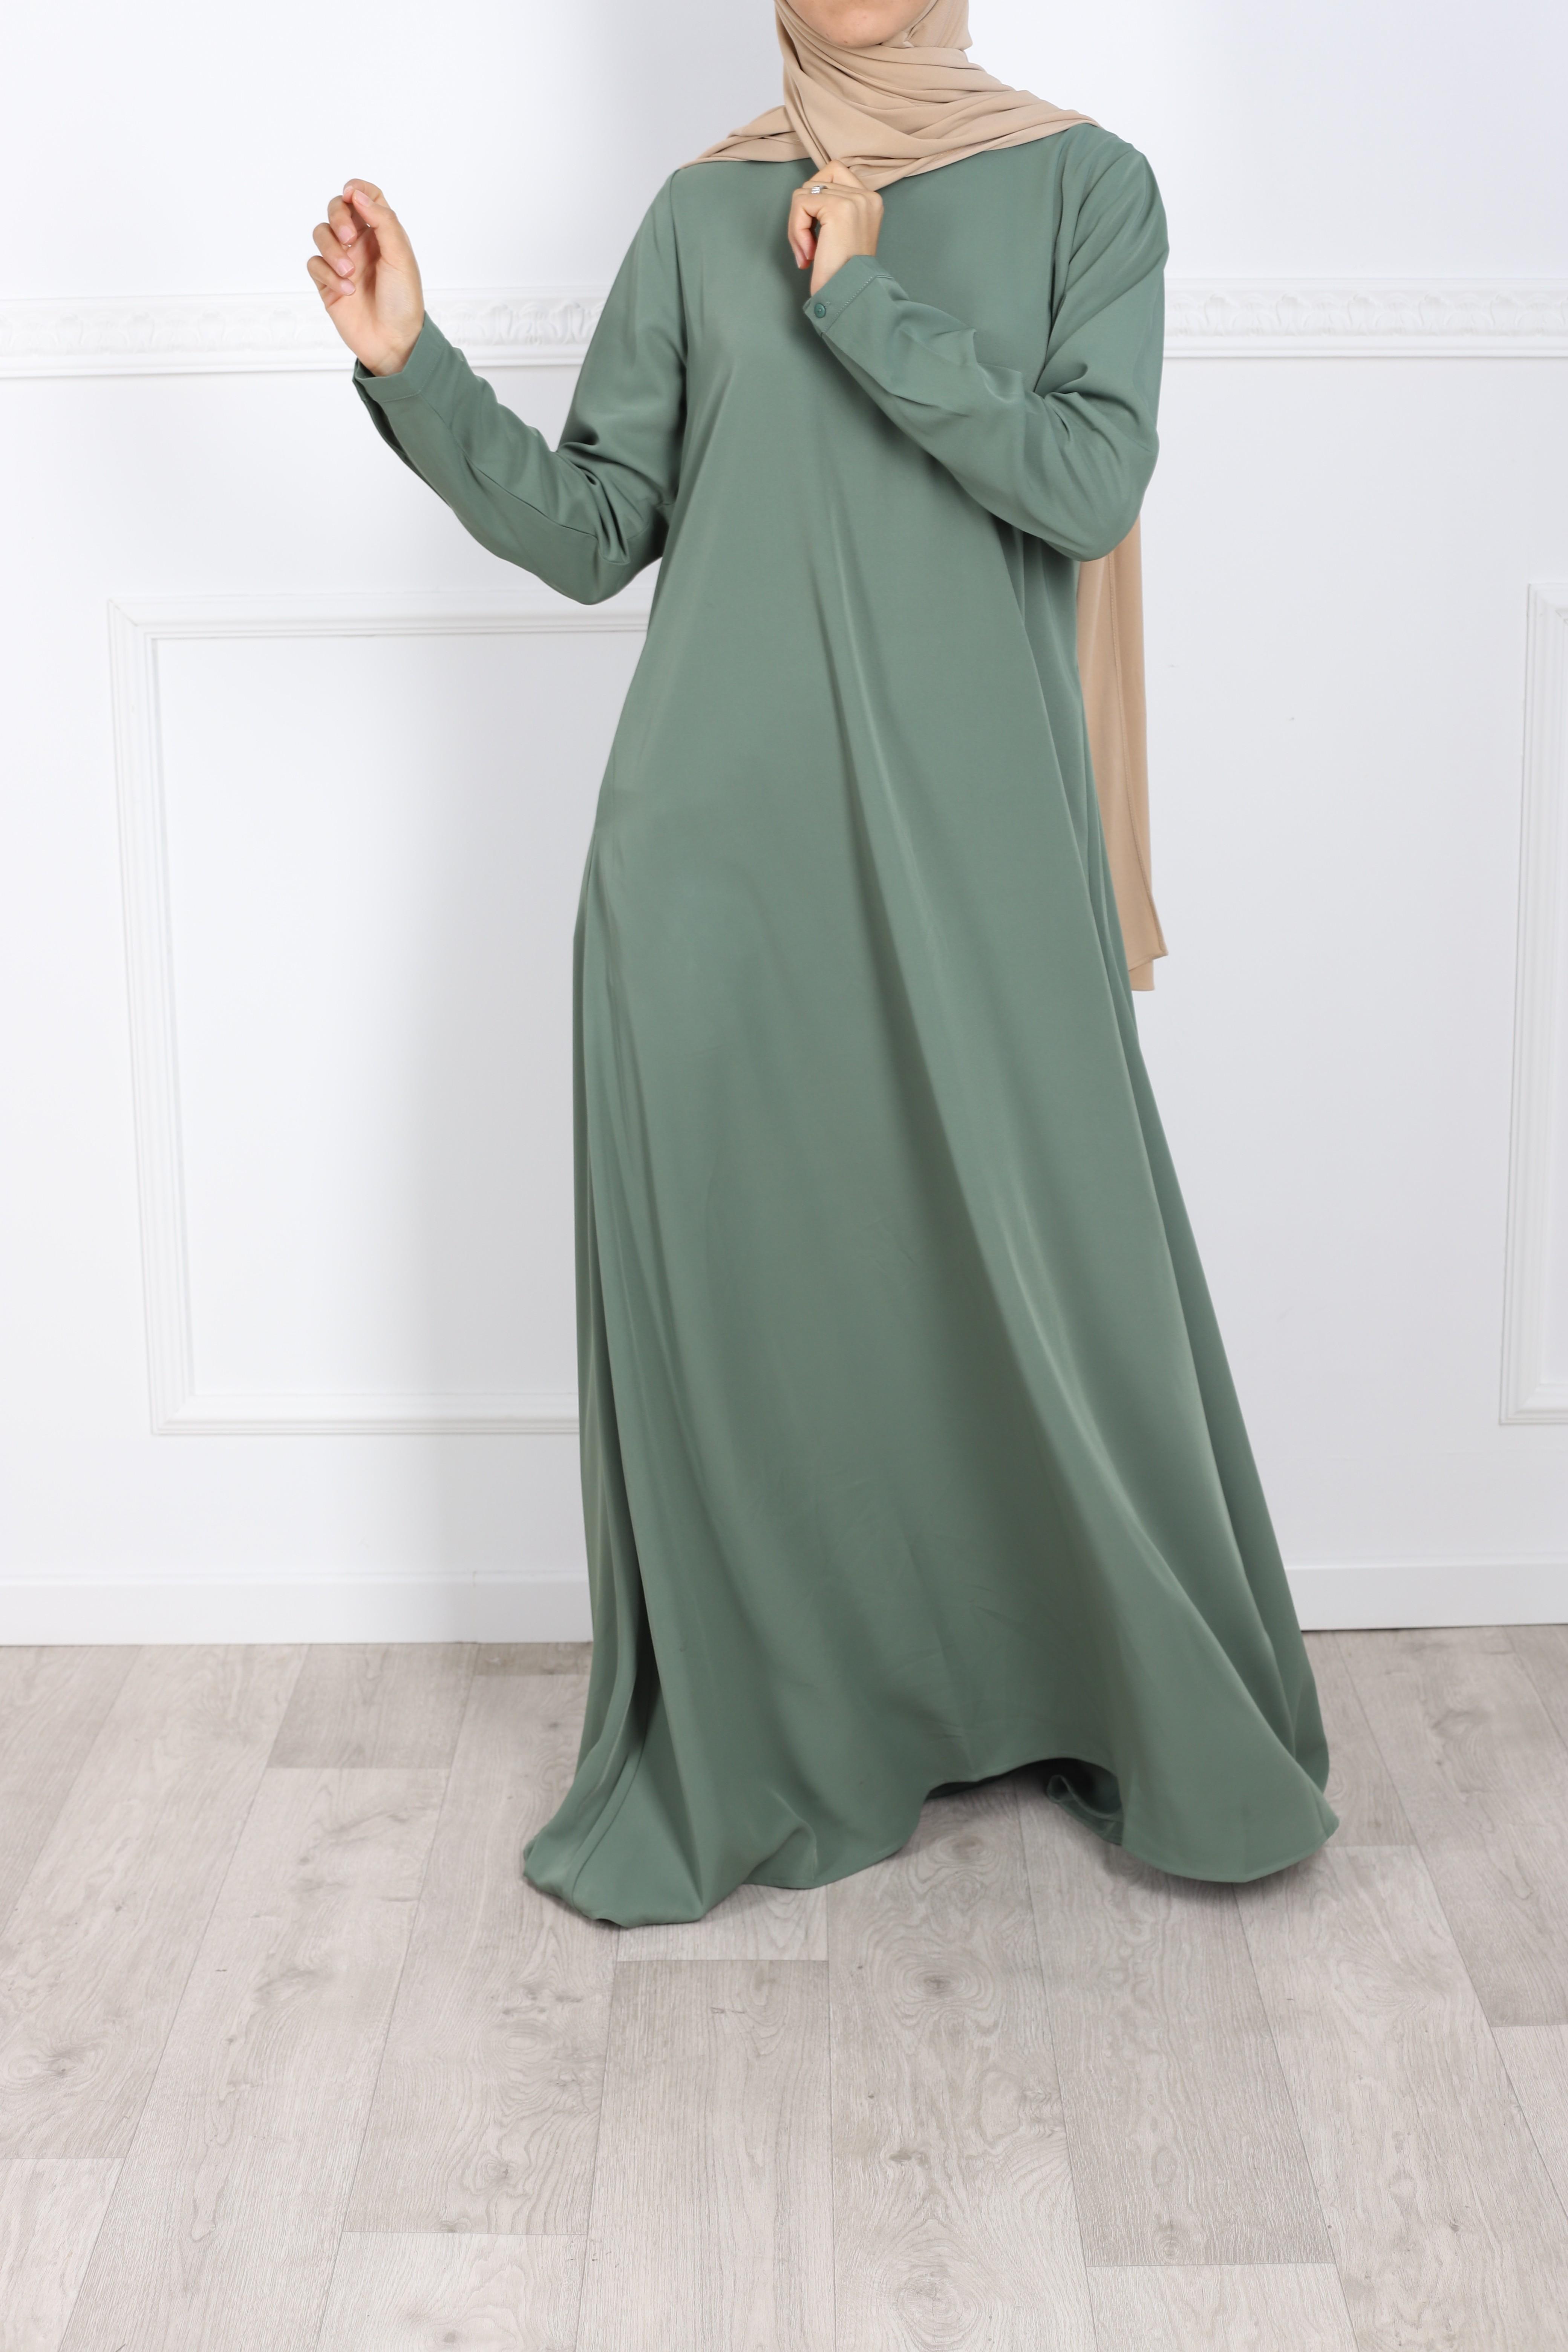 Abaya evasée vert